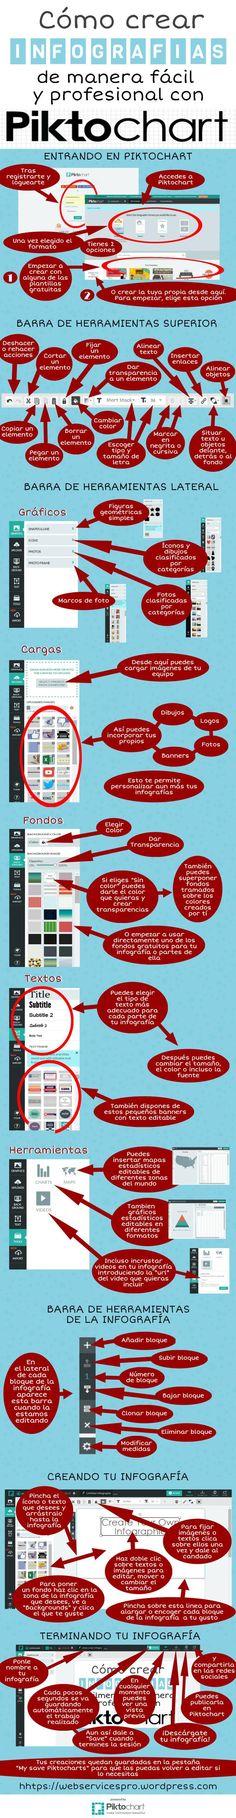 """<Alt=""""cómo hacer infografías con Piktochart de manera fácil y profesional"""">"""